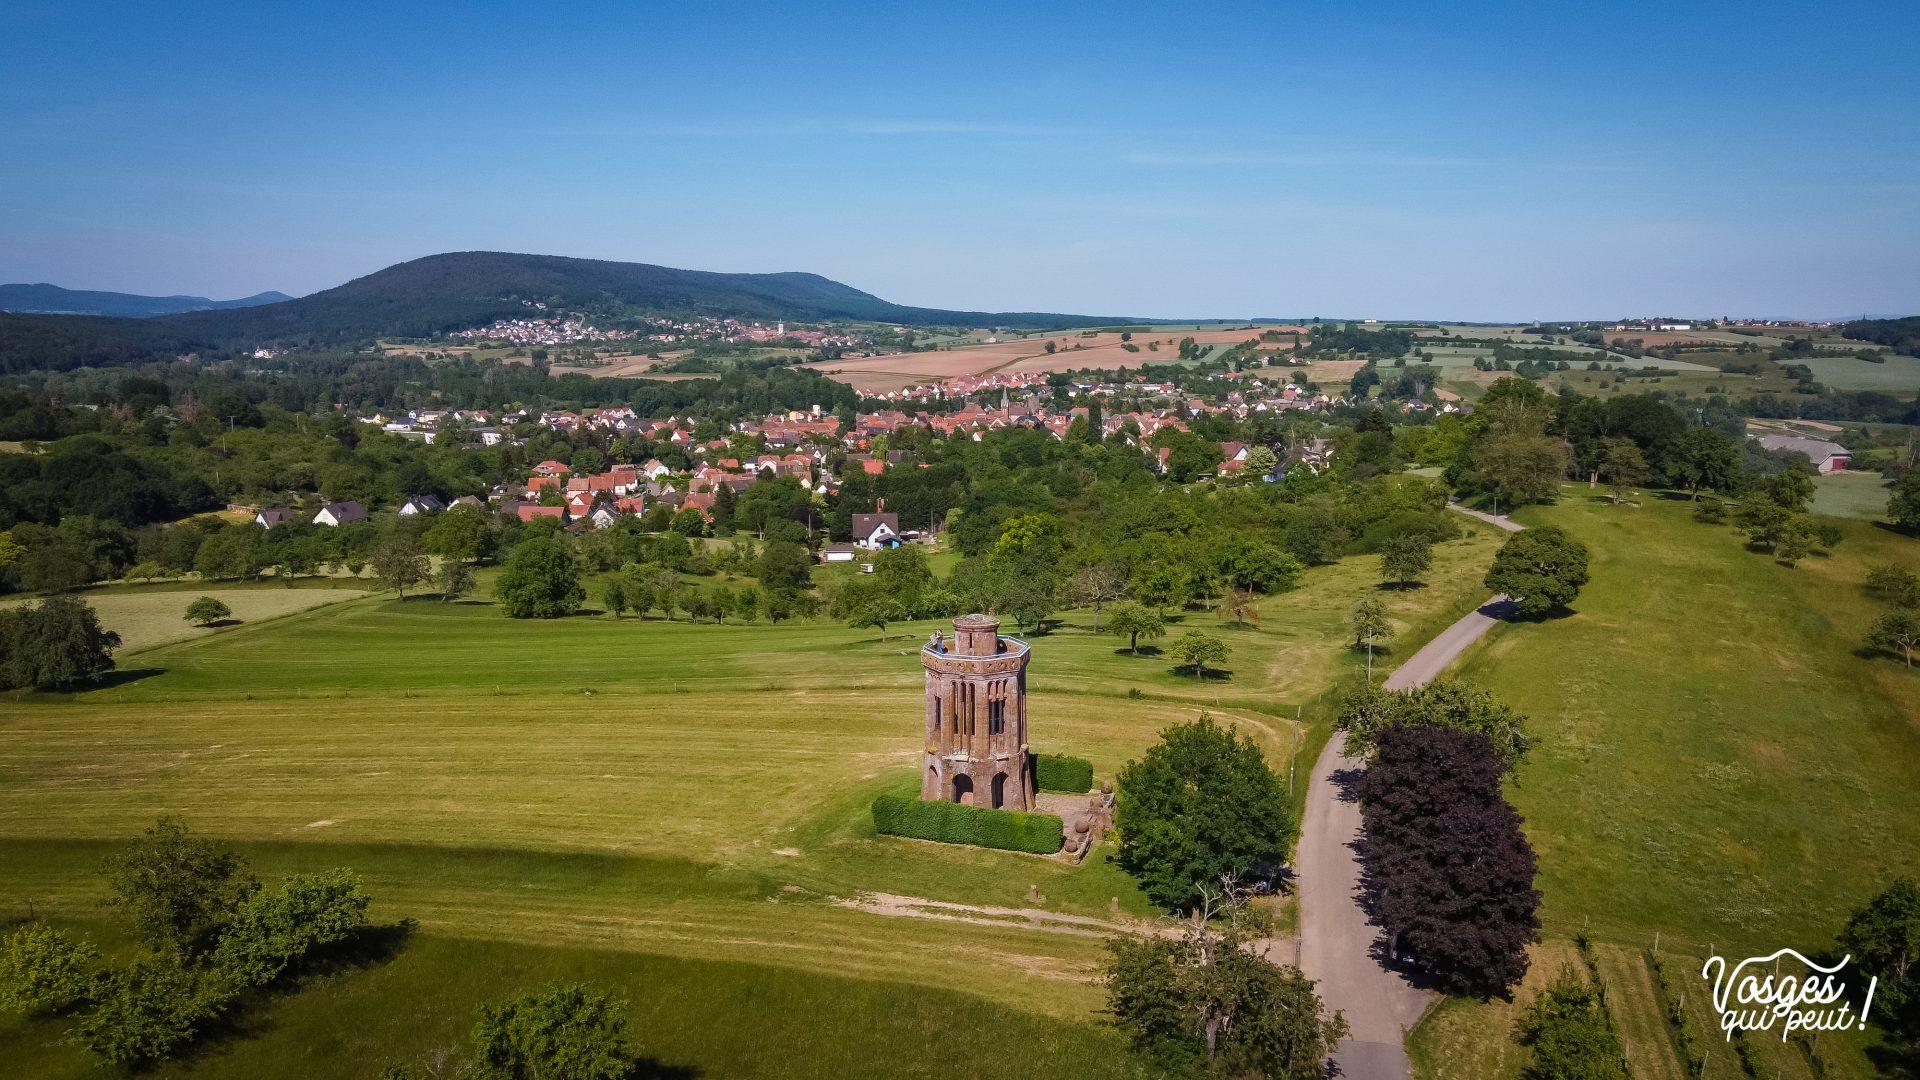 Le monument belvédère sur le champ de bataille de Woerth en Alsace